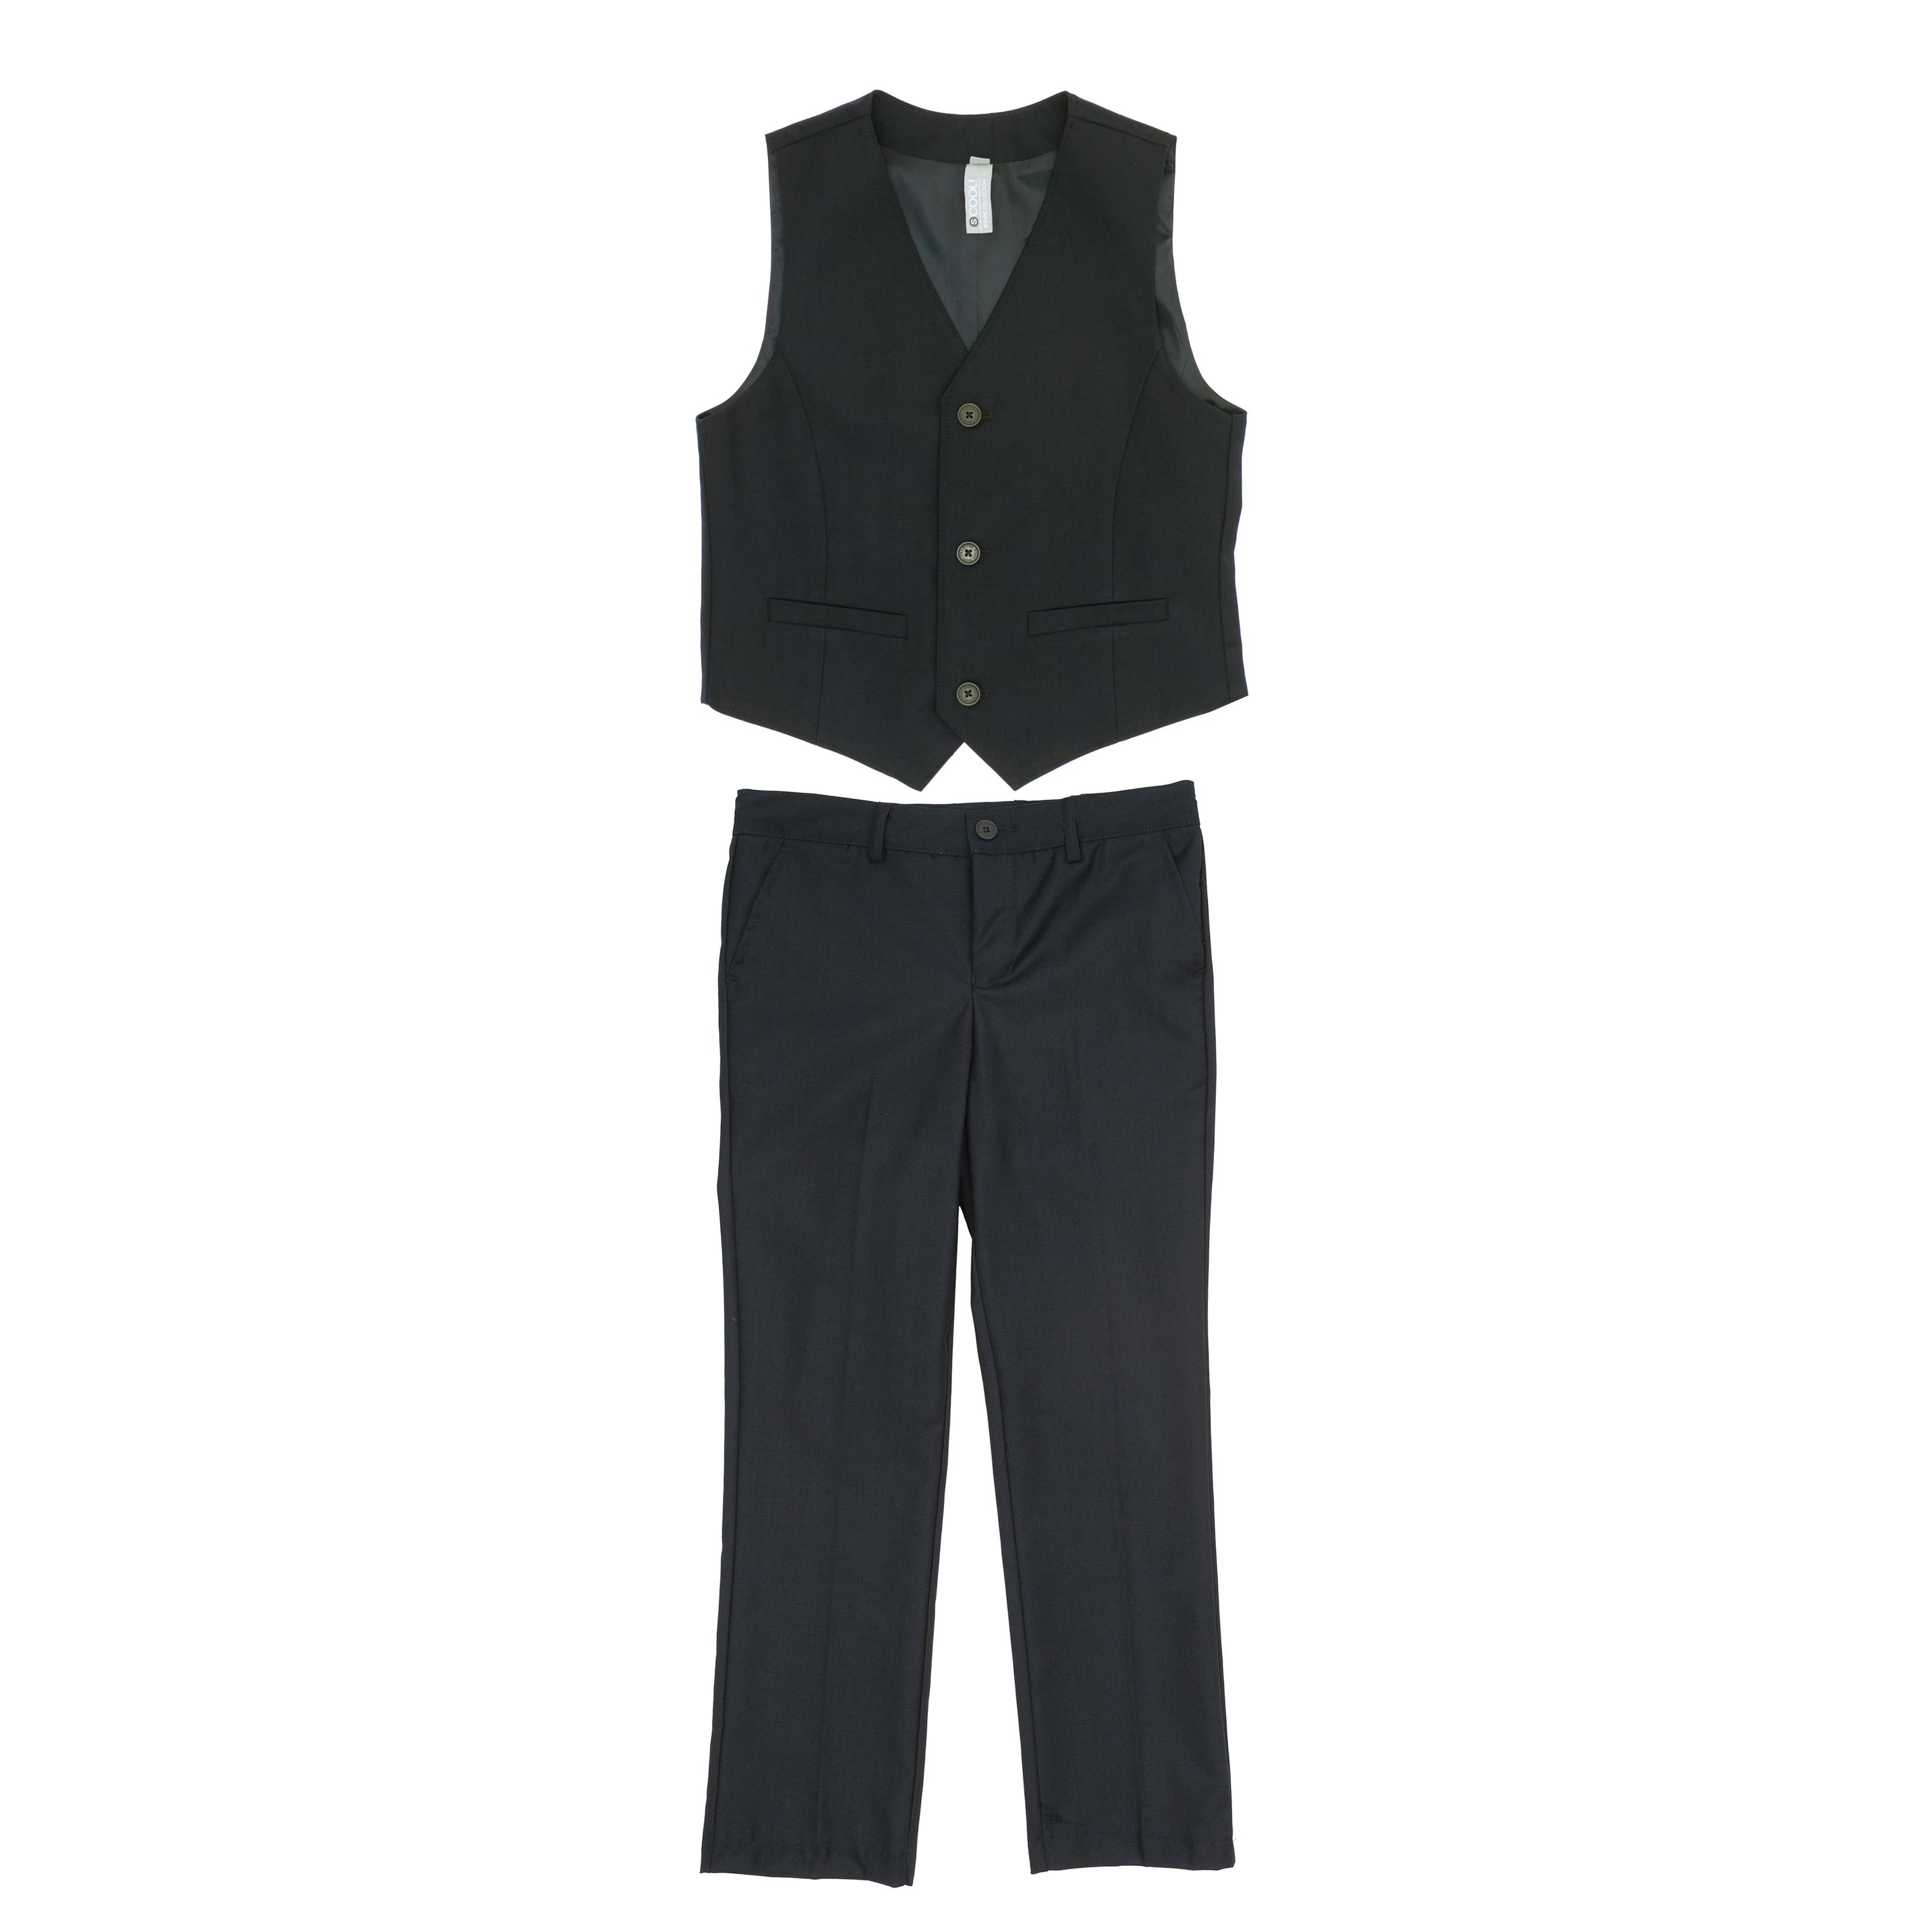 Комплект: брюки, жилет  (темно-серый) 363026